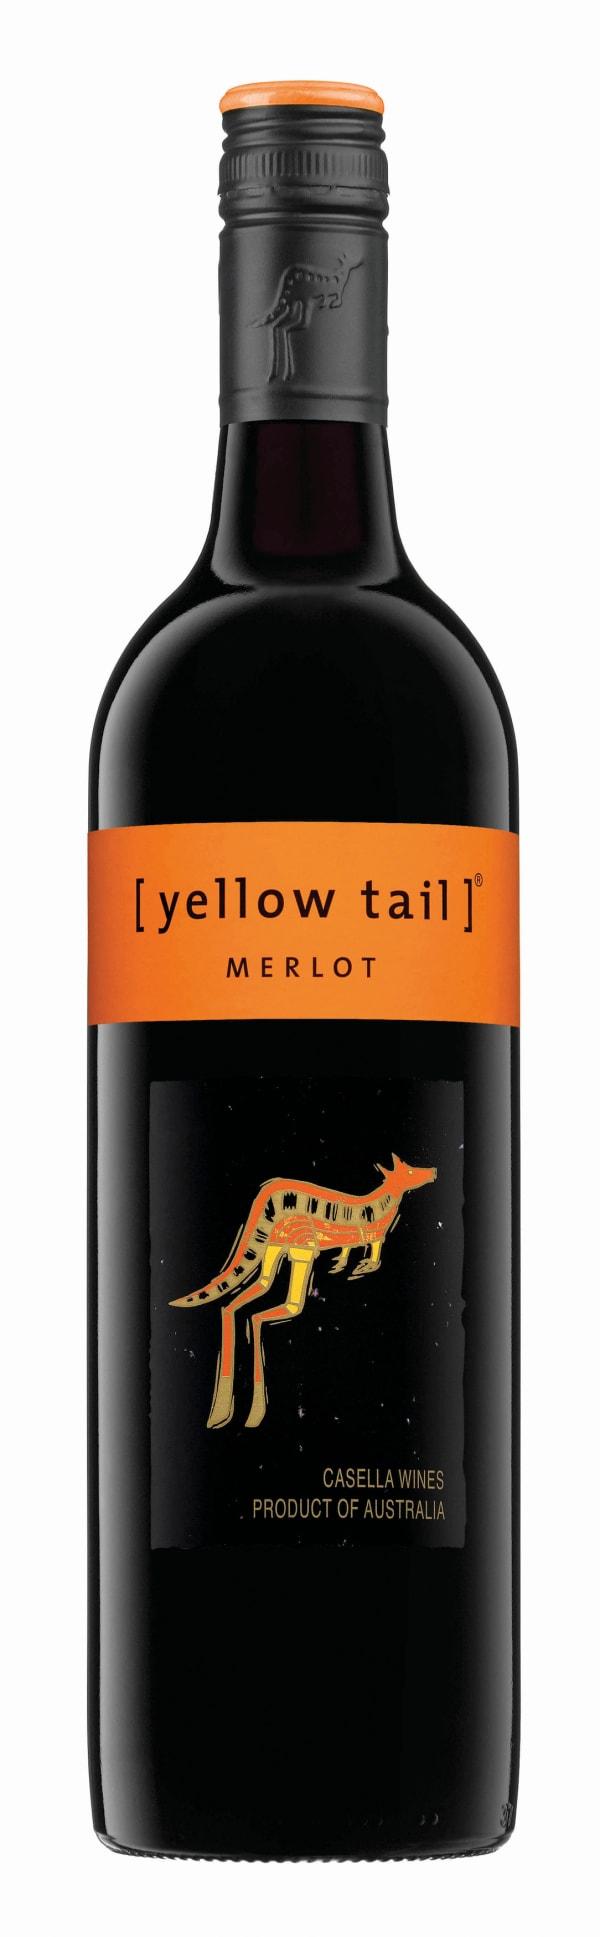 Yellow Tail Merlot 2019